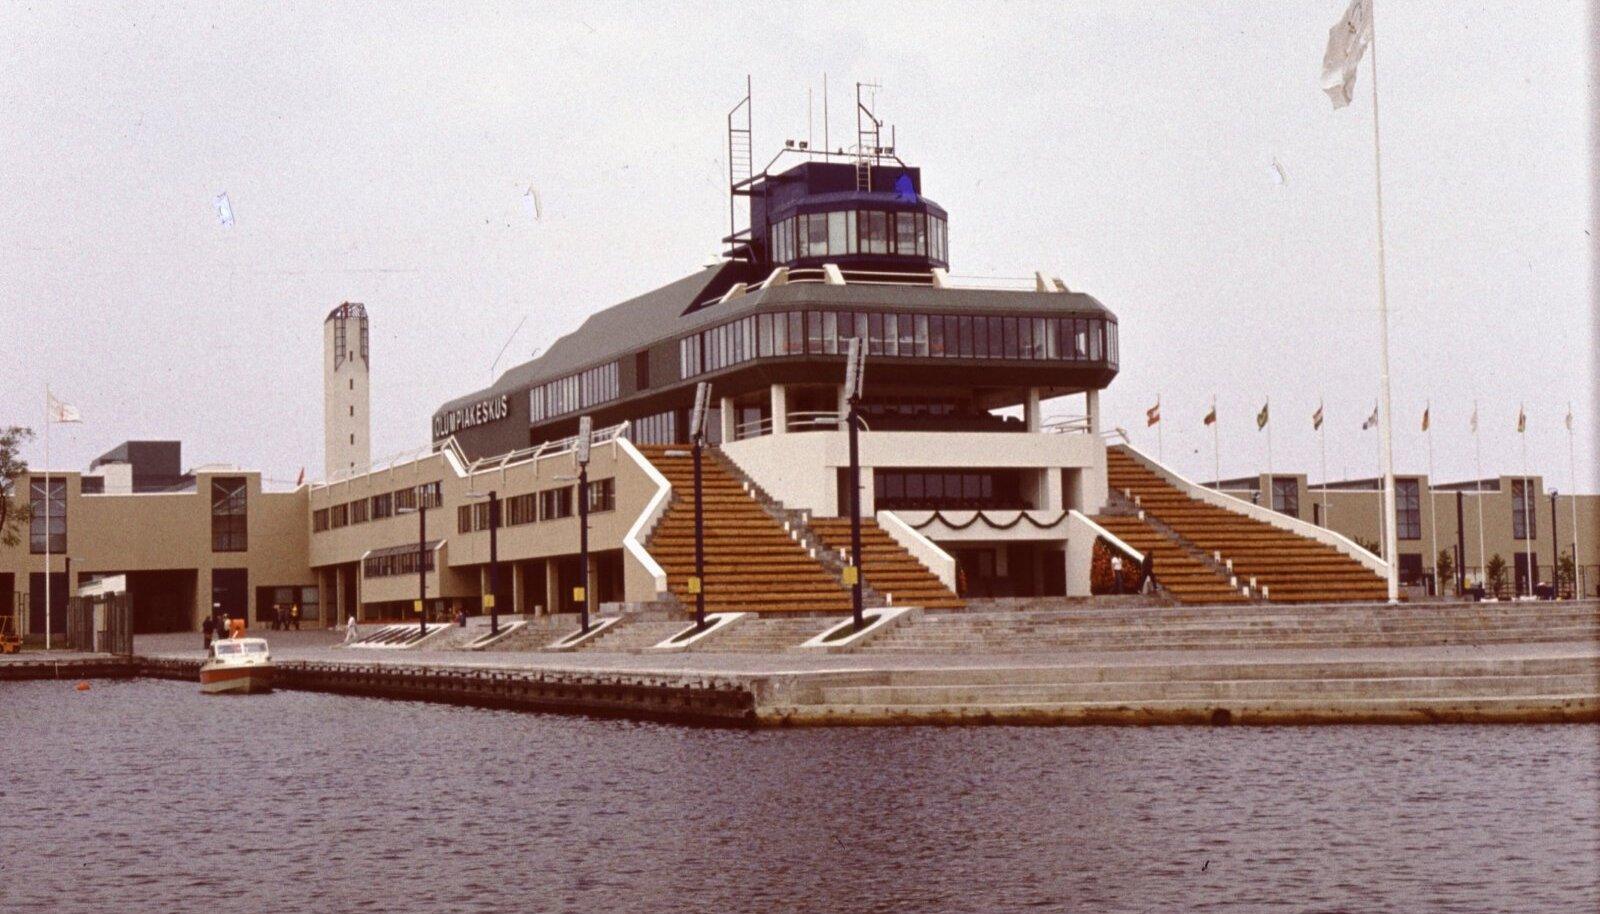 Võimsa välimusega kompleksi lõppversiooni arhitektid olid Henno Sepmann, Peep Jänes, Ants Raid ja Himm Looveer. Enne seda oli samas kohas sportjahtide tehas ja sõjaväe jahtklubi.